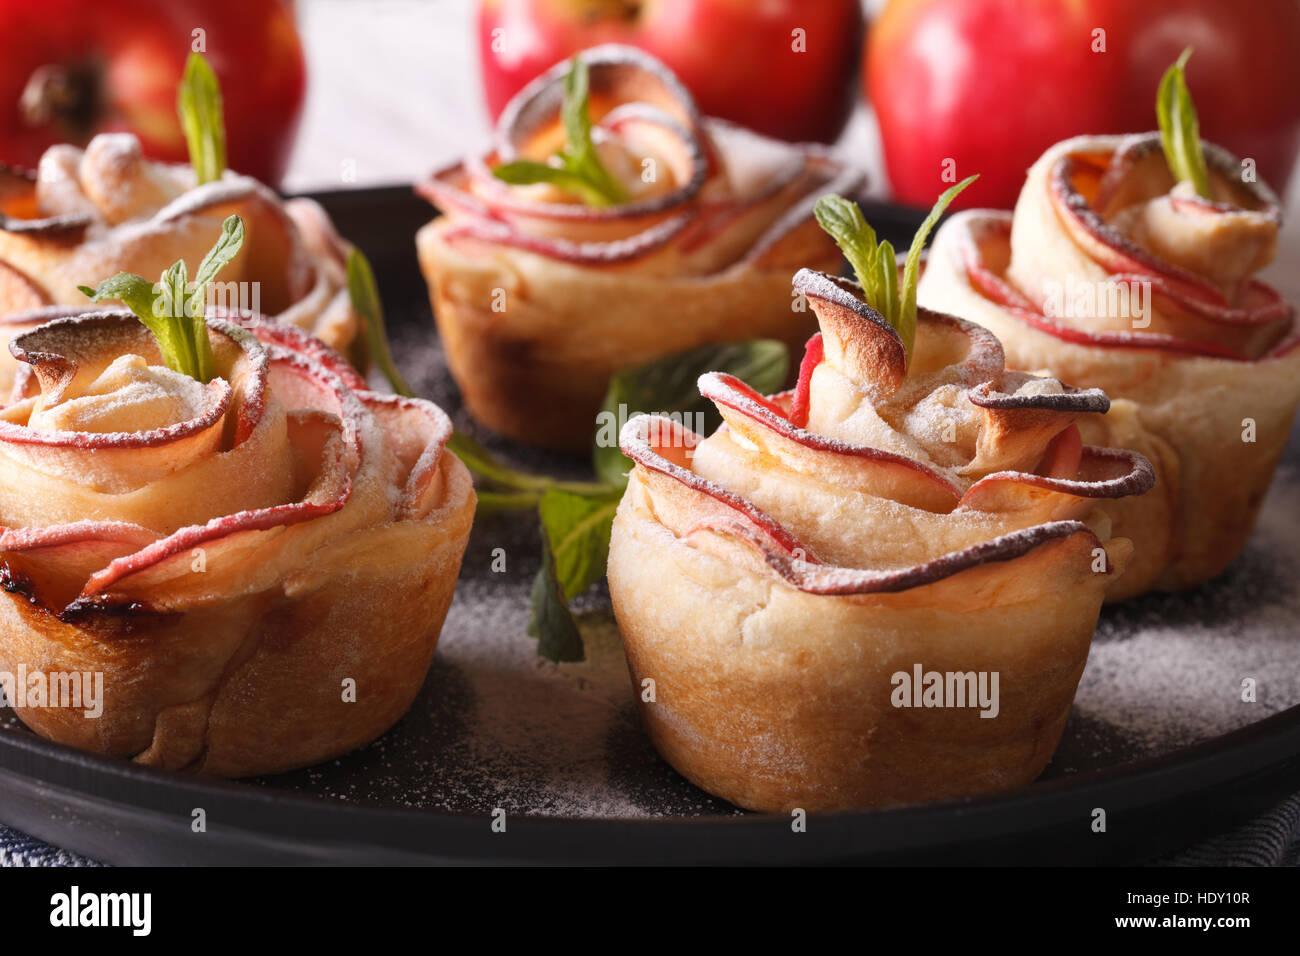 Tarte aux pommes en forme de roses. Pâtisserie de fête, macro horizontale Photo Stock